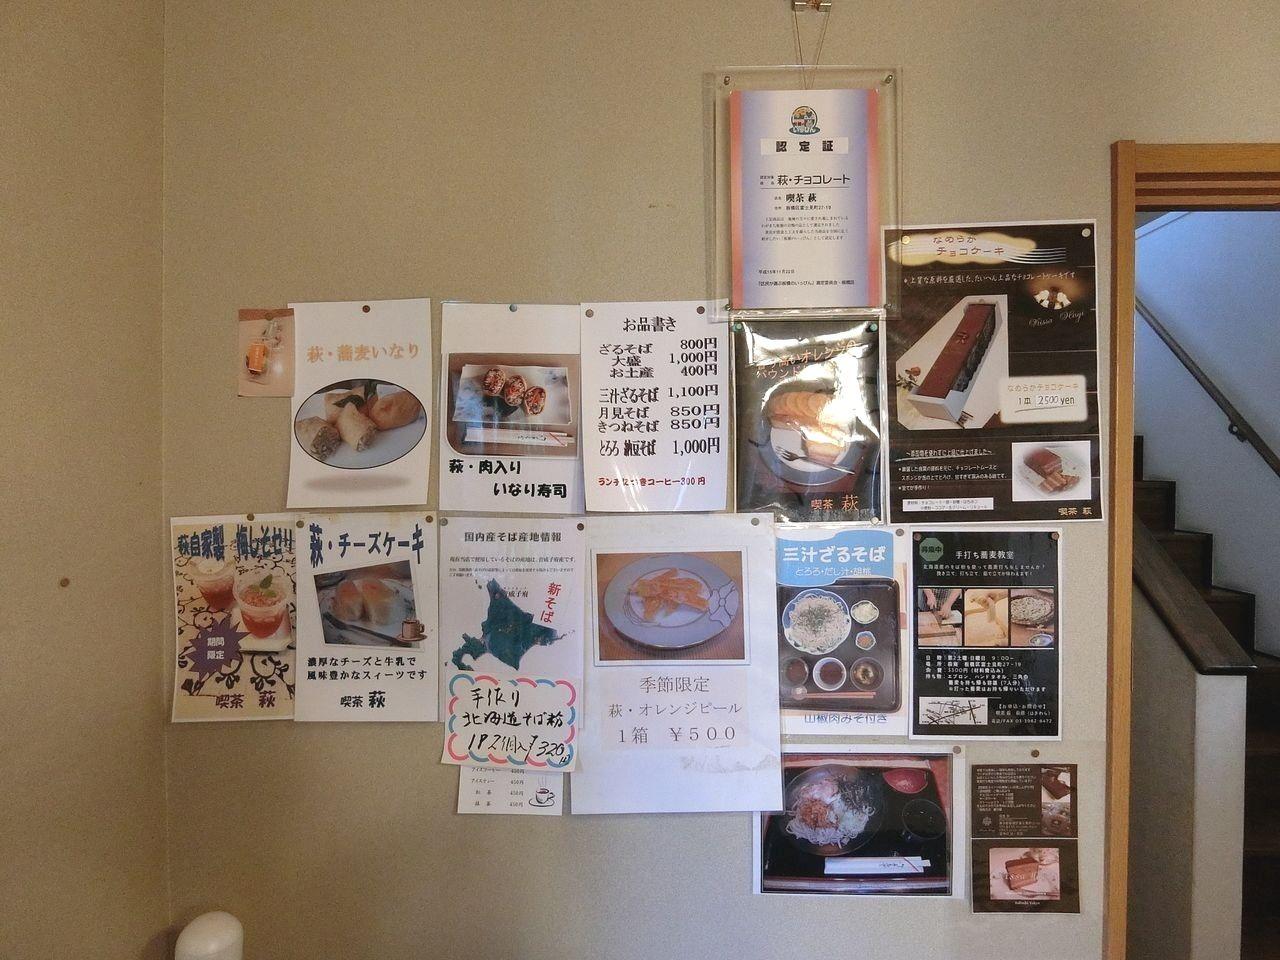 板橋本町駅の喫茶 萩(はぎ)